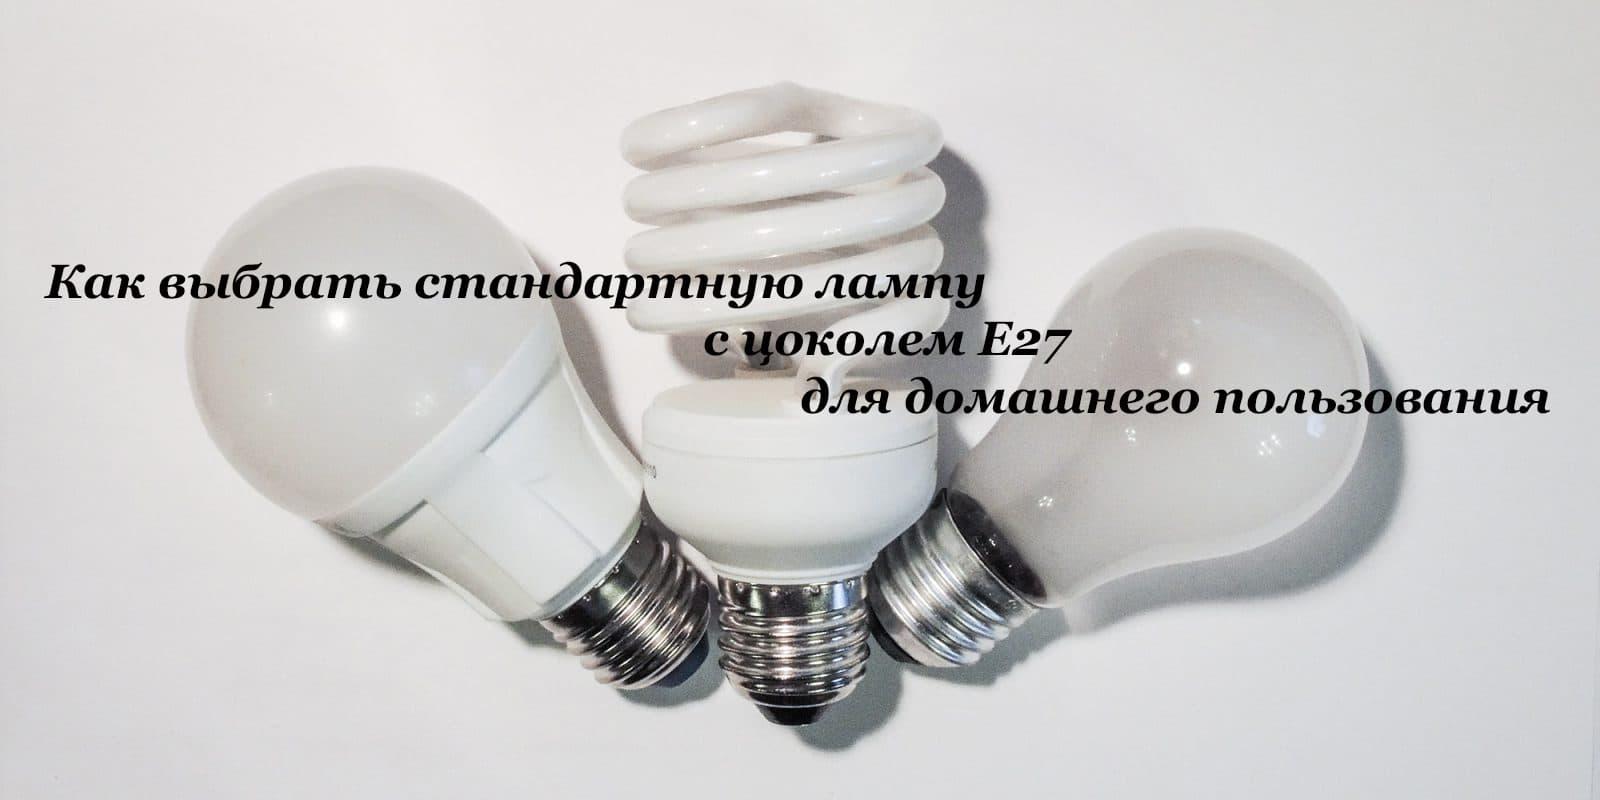 Как выбрать стандартную лампу с цоколем Е27 для домашнего пользования